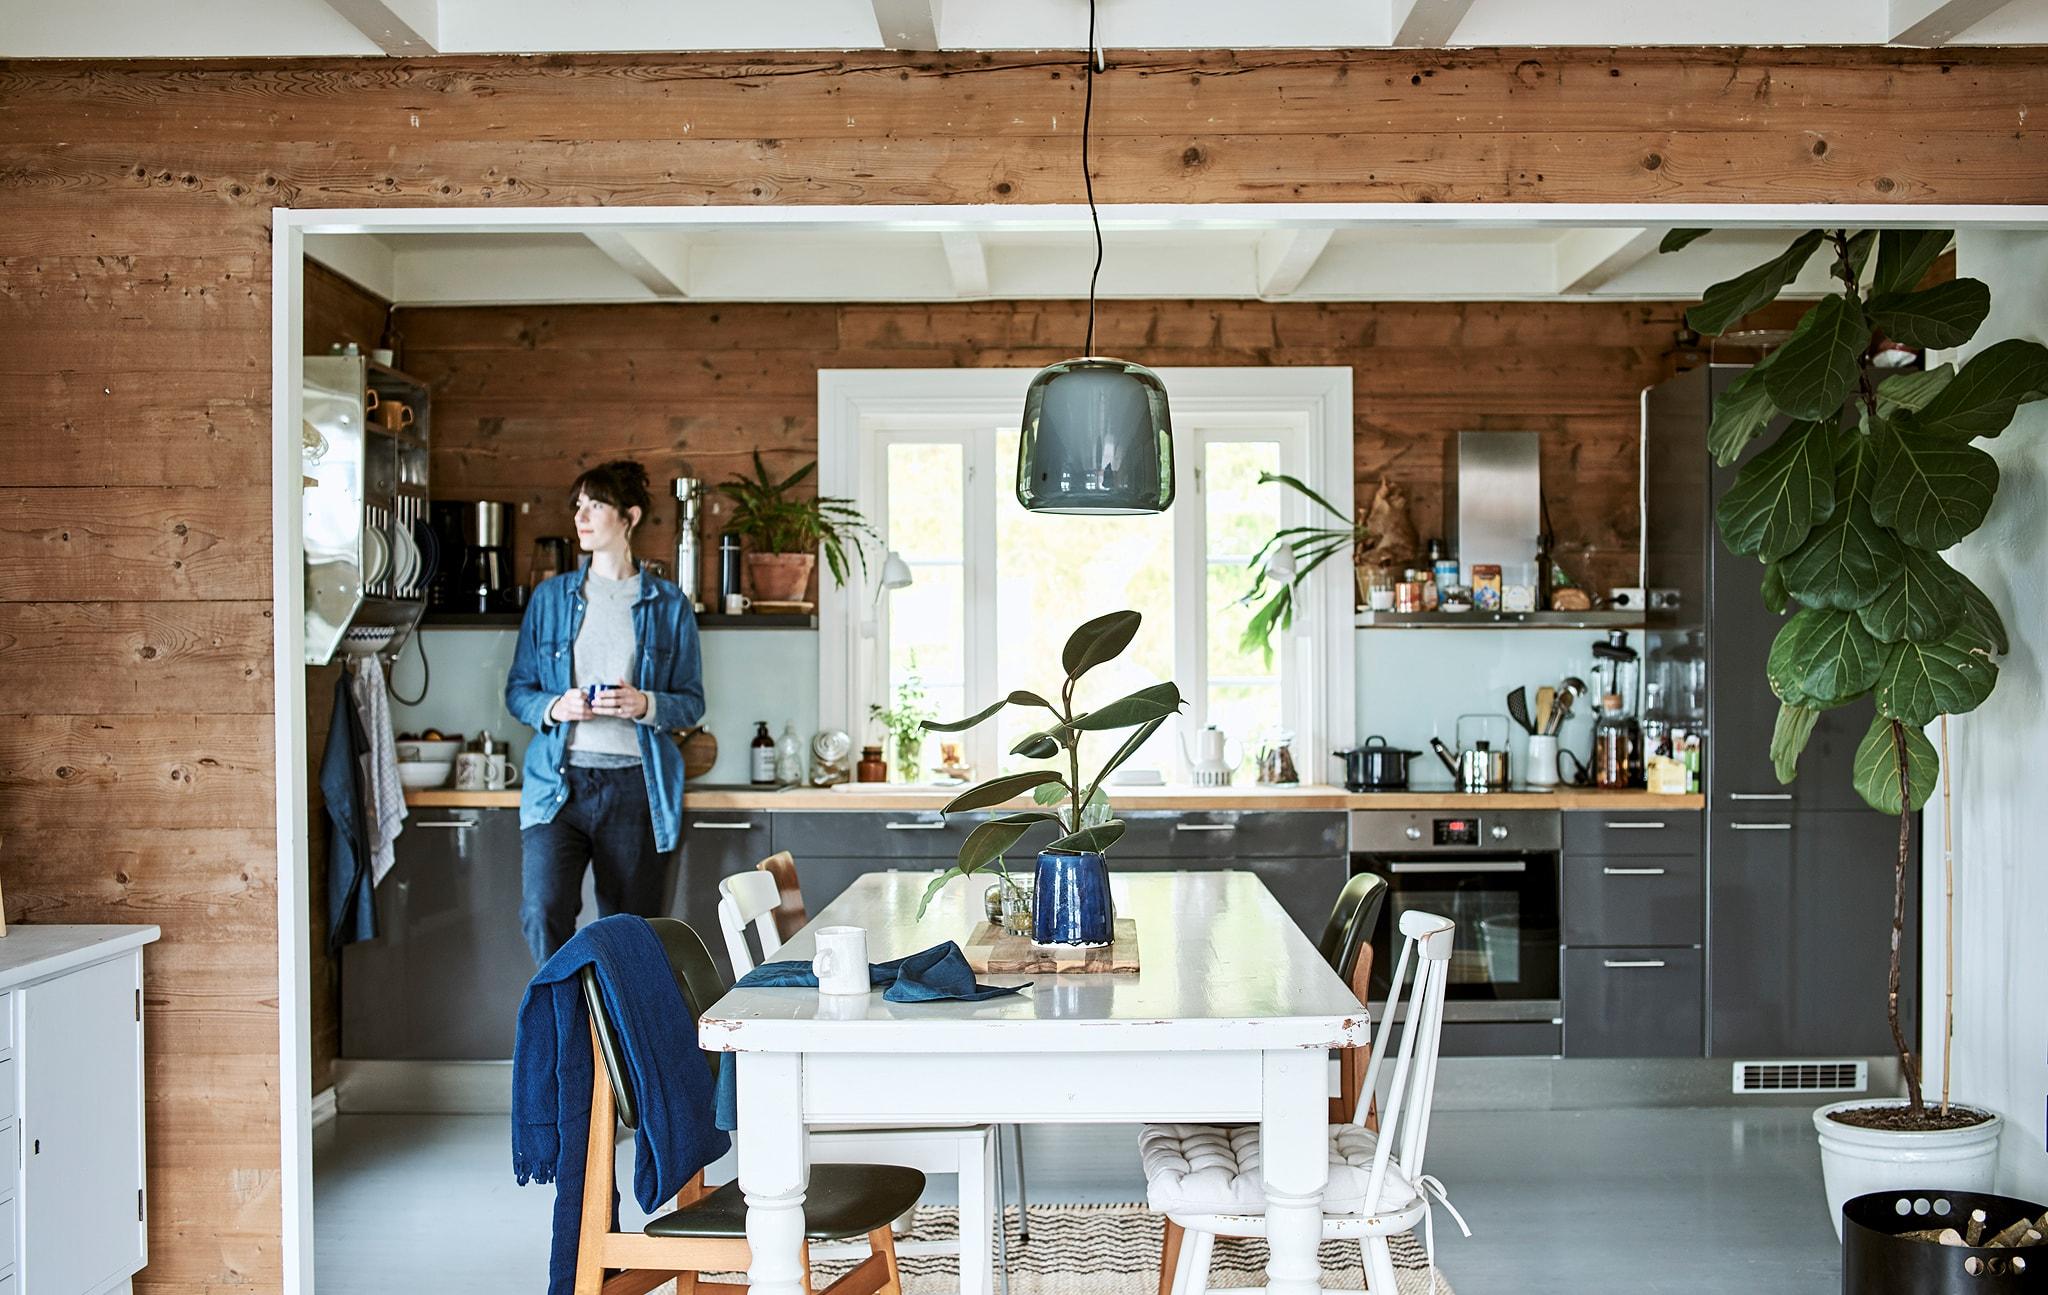 Seorang wanita bersandar pada kabinet abu-abu mengilap di dapur terbuka yang menyatu dengan ruang makan, terdapat meja dan kursi kayu putih.